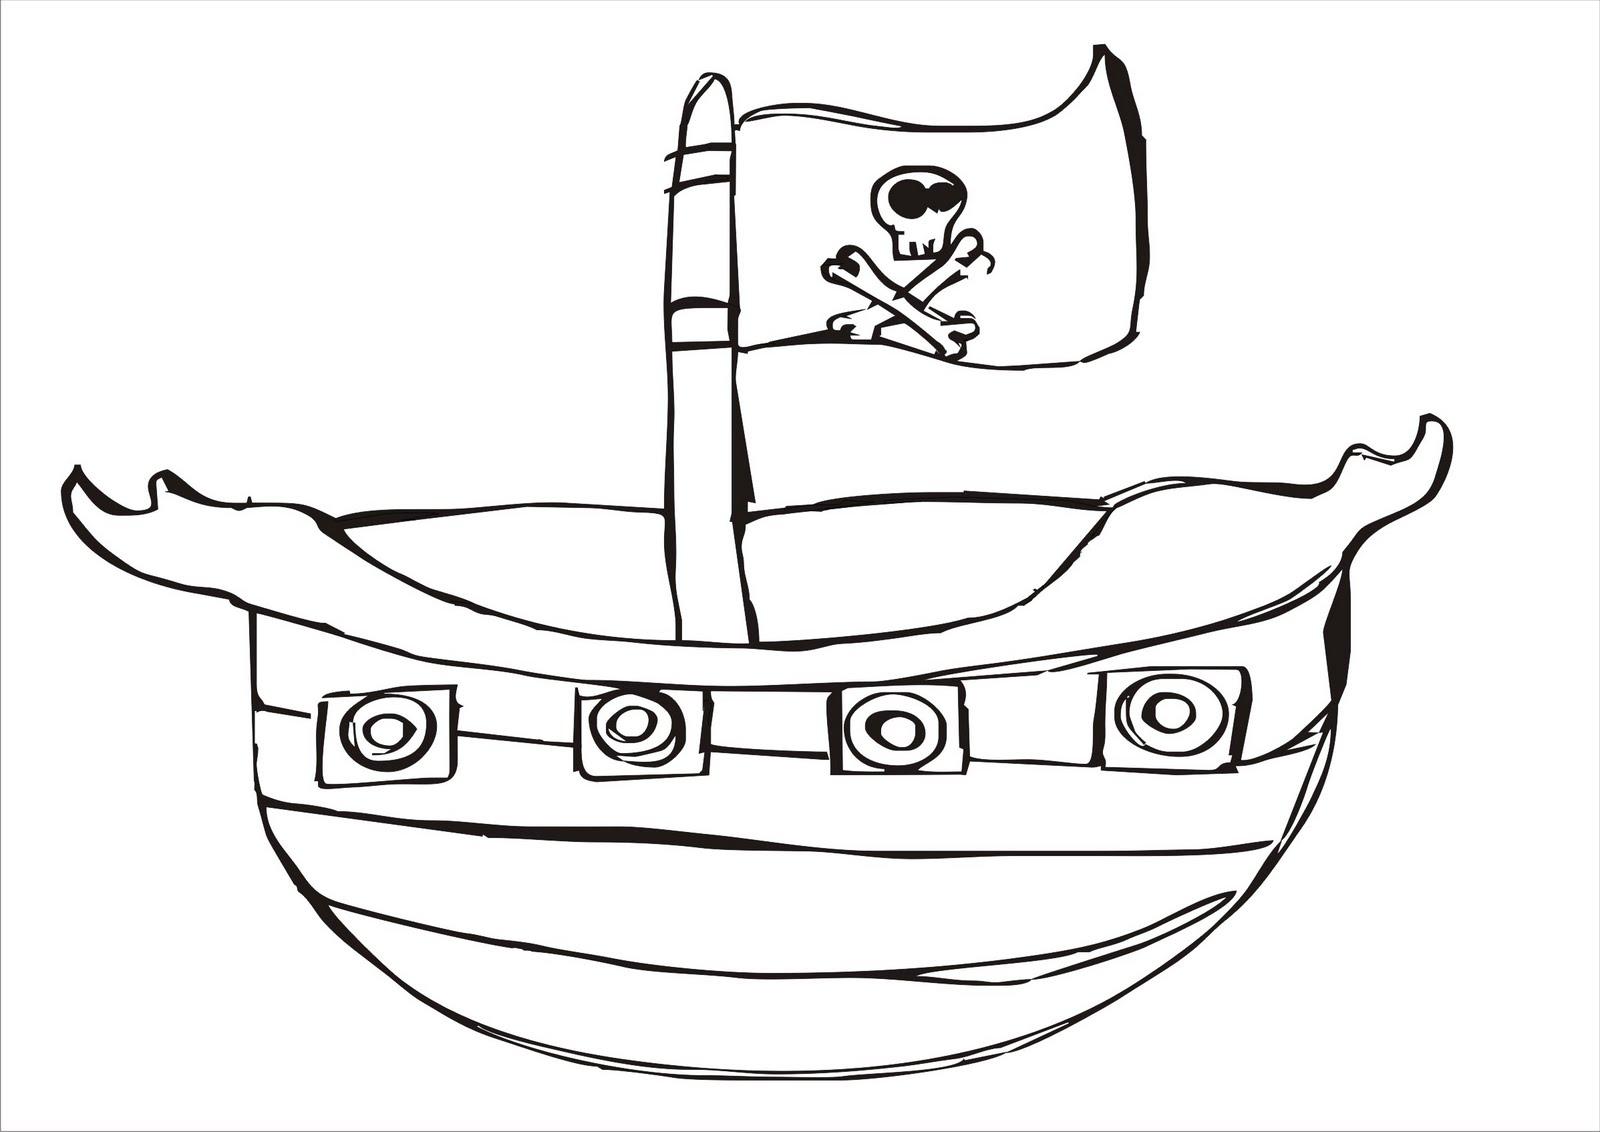 Desenho Para Colorir De Barco Pirata  Desenhos Diversos Para Colorir